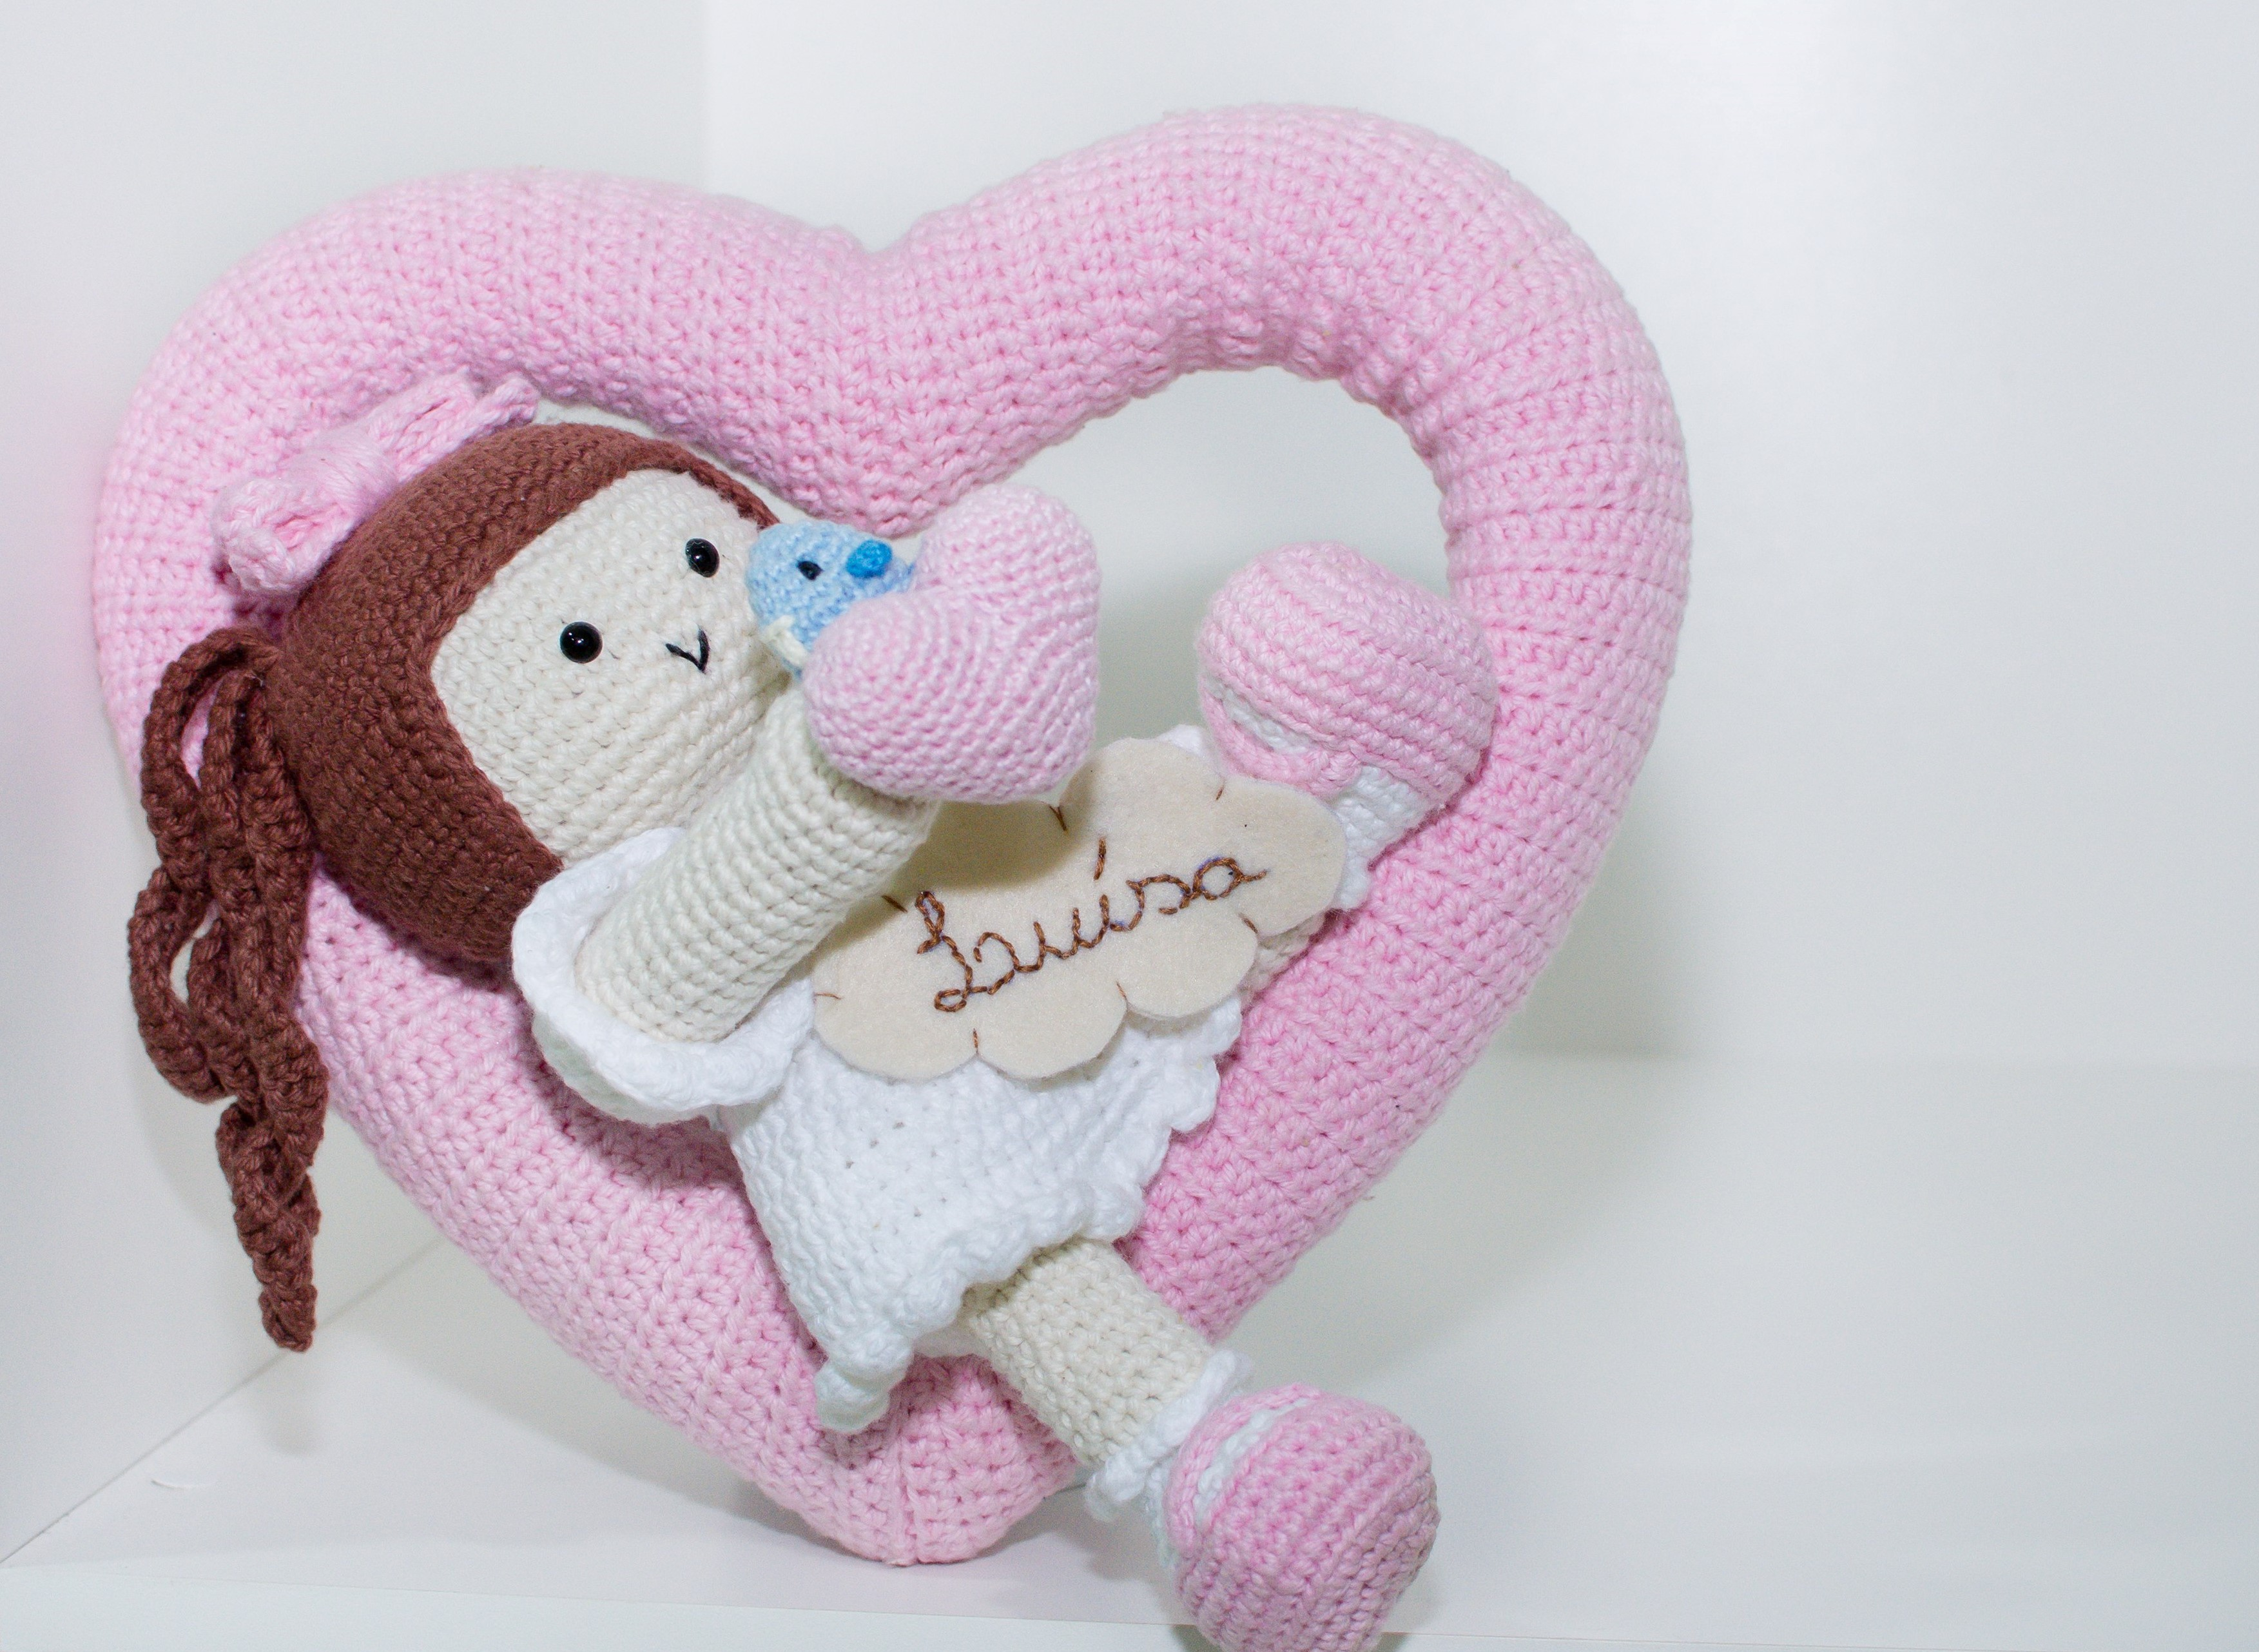 Guirlanda Enfeite Porta Maternidade Menino Bebê - R$ 55,00 em ... | 2563x3505